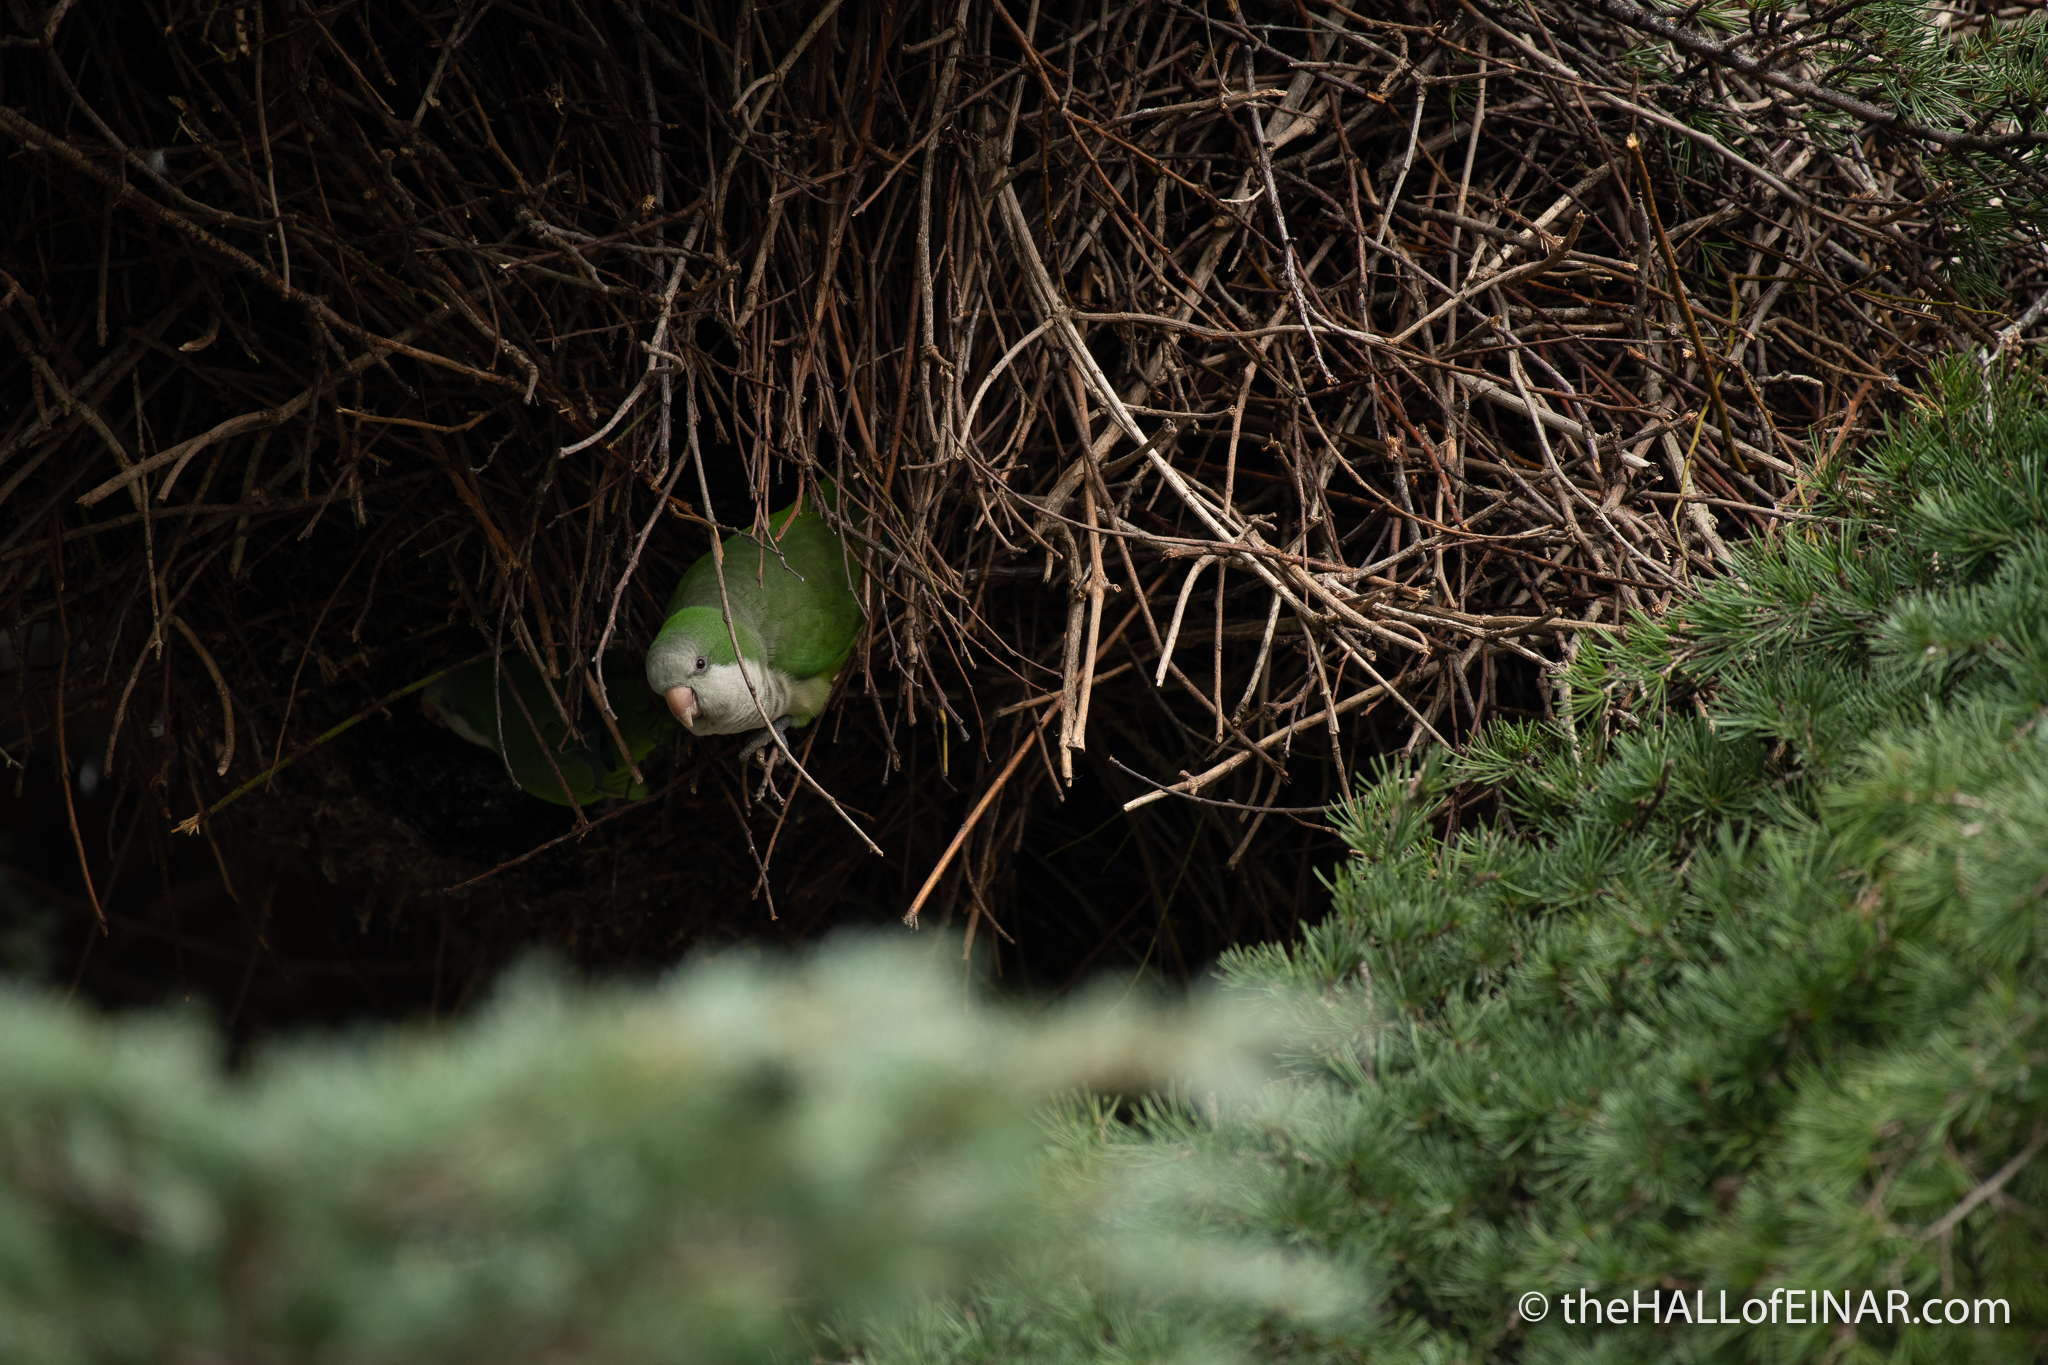 Monk Parakeet - Caffarella - The Hall of Einar - photograph (c) David Bailey (not the)